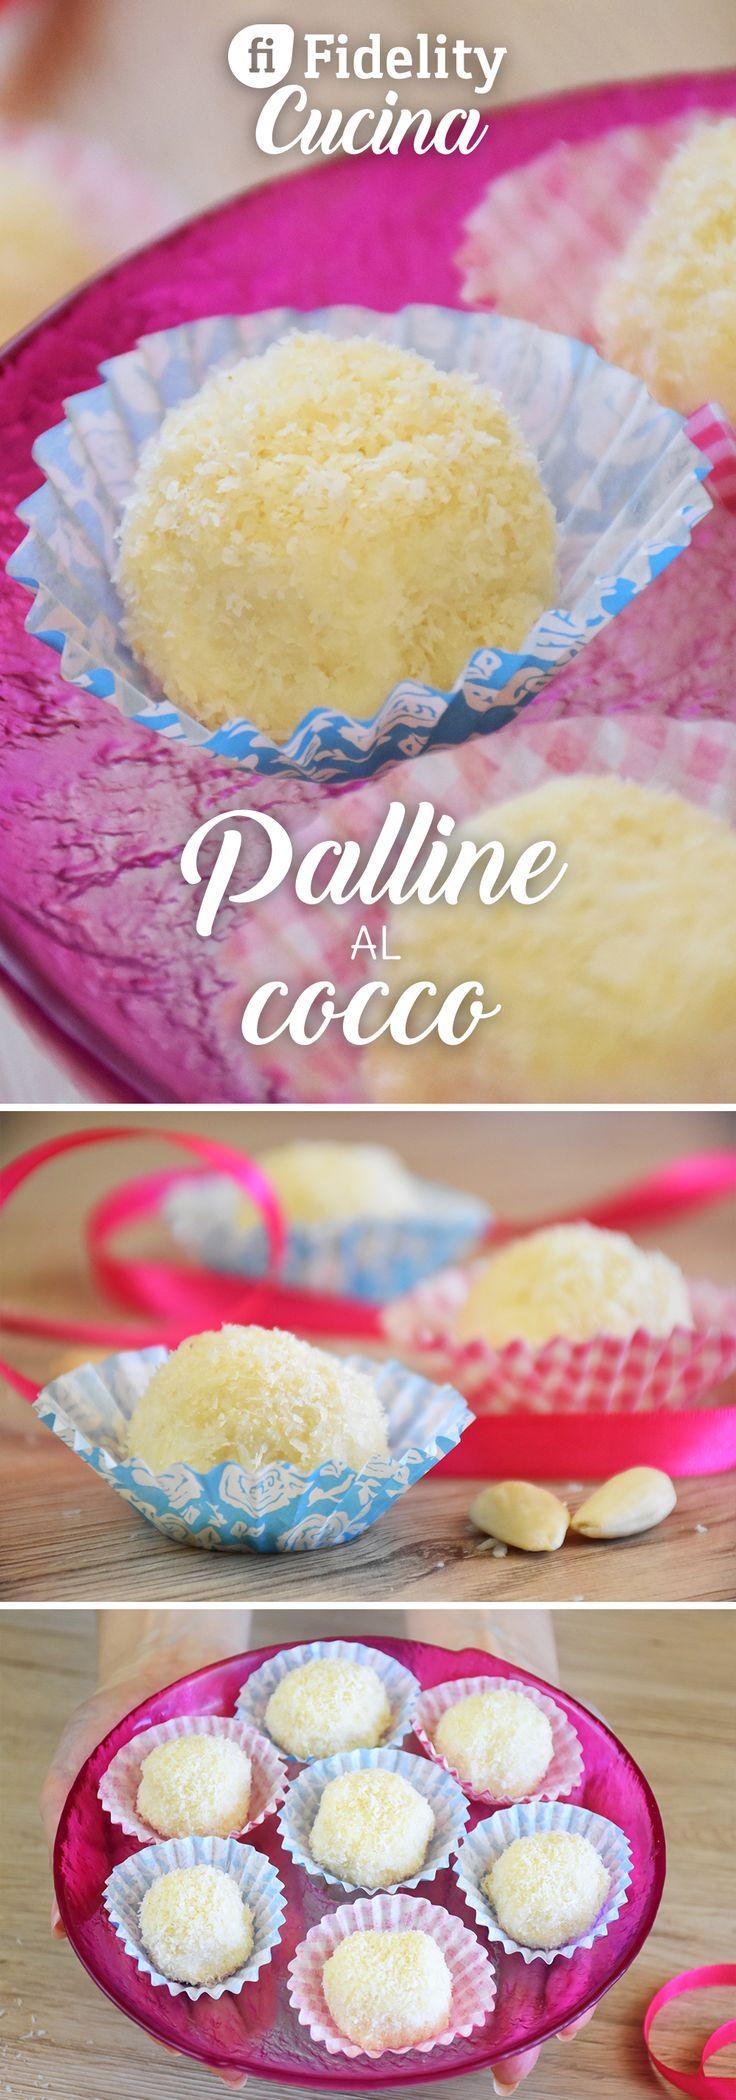 Le palline al cocco senza cottura sono dei perfetti dolcetti da servire in estate e preparare in poco tempo. Ecco la ricetta ed alcune versioni con mascarpone e cioccolato Read more at http://cucina.fidelityhouse.eu/dolci/palline-al-cocco-205178.html#LP5iCDmRjObWUz1I.99